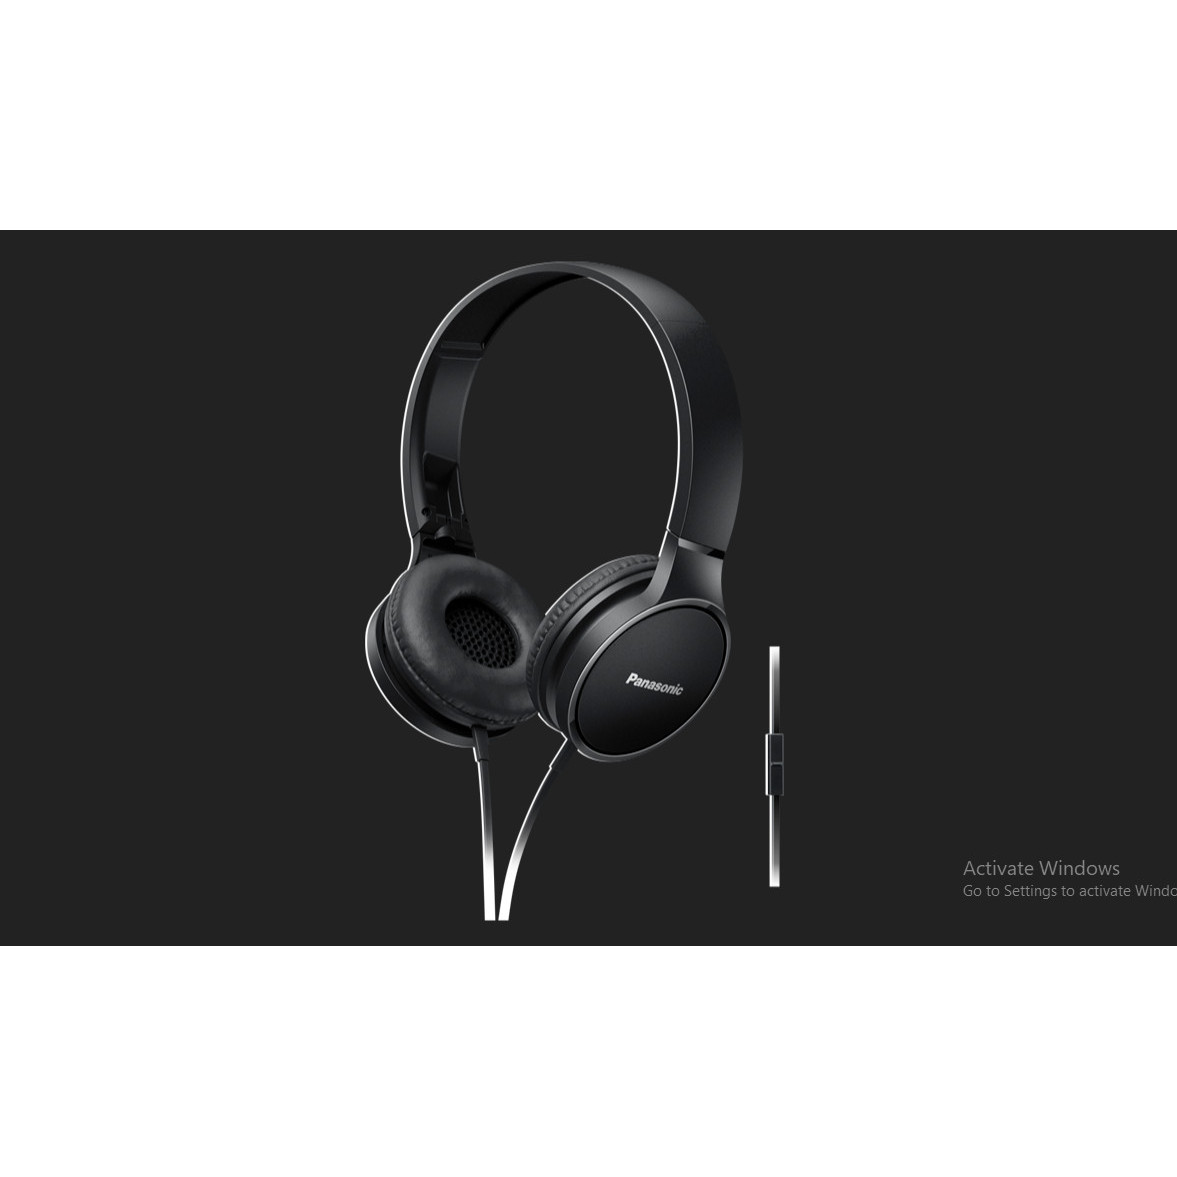 Tai nghe chụp tai Panasonic RP-HF300ME - Hàng chính hãng